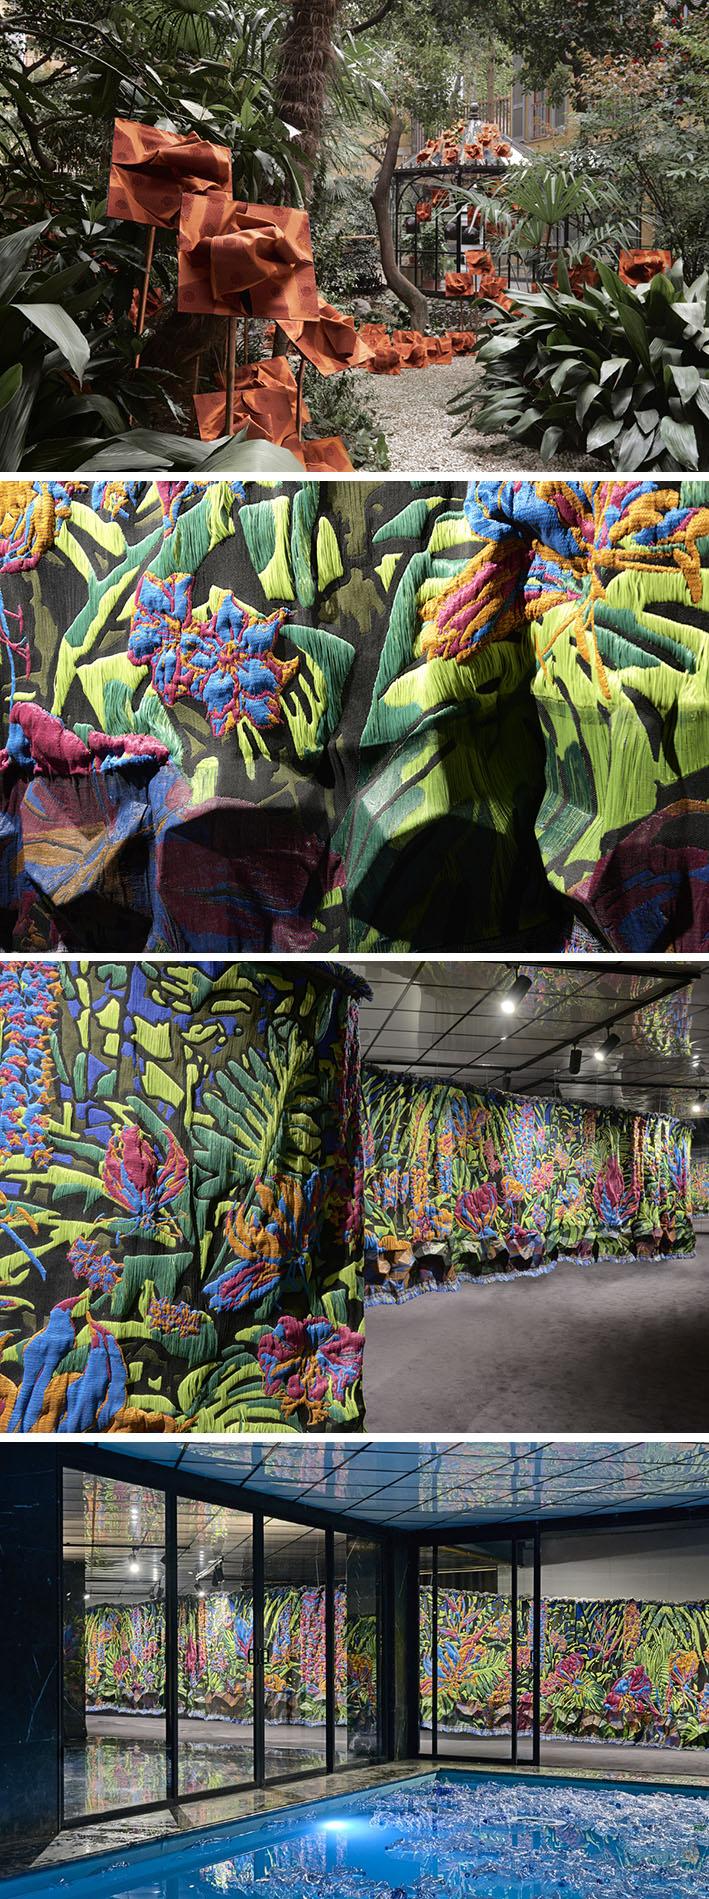 A exposição Gardening the Trash mostra tecidos de luxo feitos com resíduos  stylo urbano